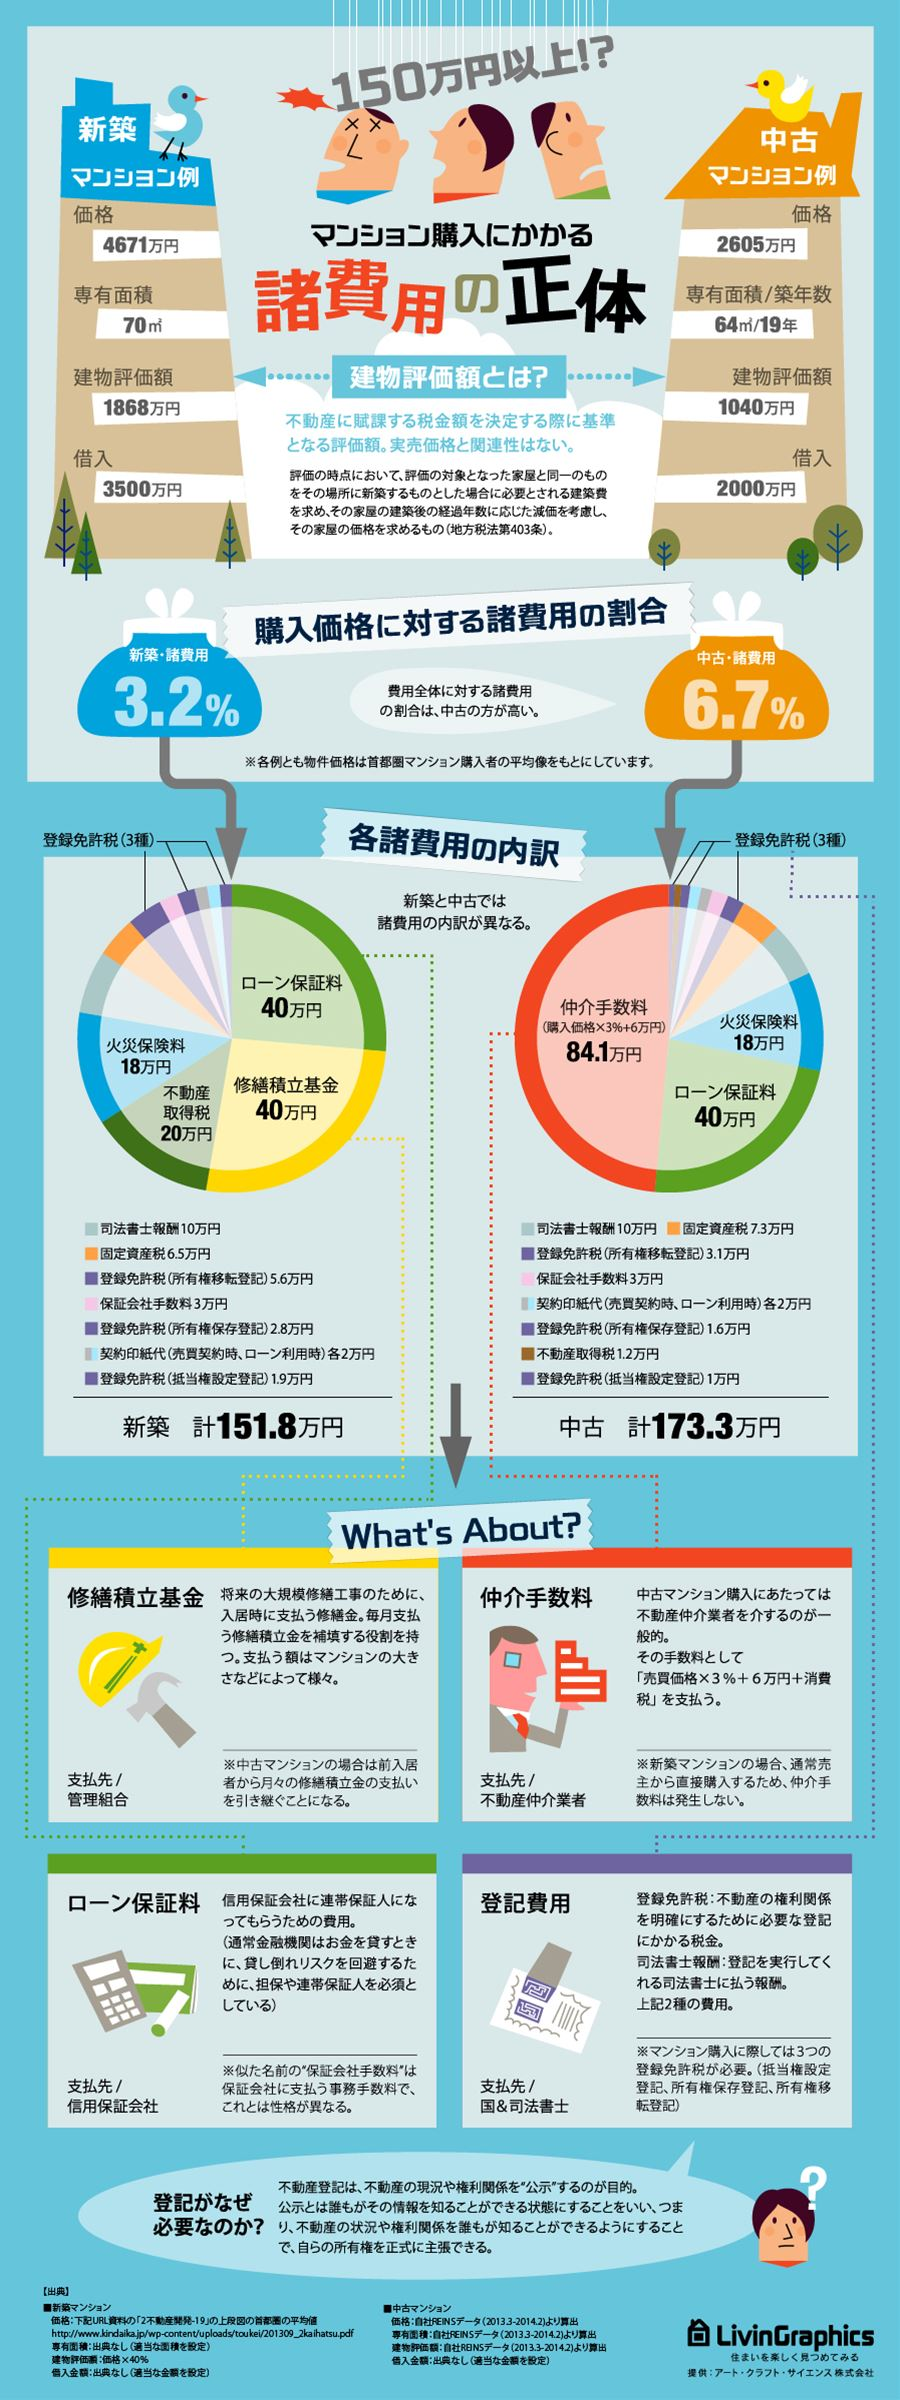 インフォグラフィック:諸費用は新築の方が安くて、中古の方が高い理由